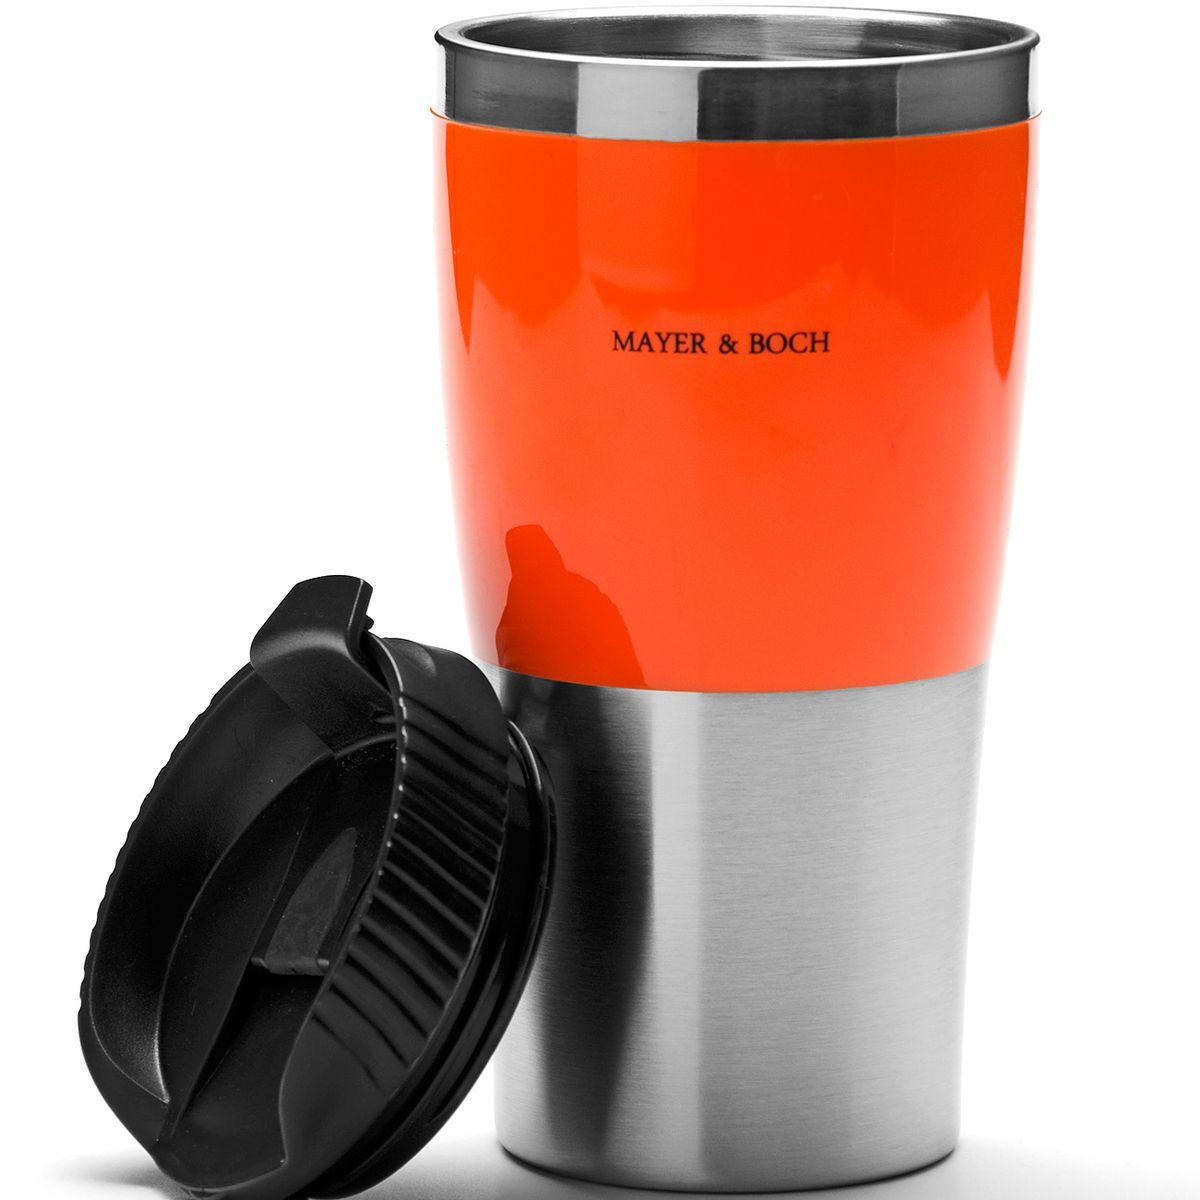 Кружка-термос Mayer & Boch, цвет: оранжевый, черный, 450 мл25408Термокружка Mayer & Boch изготовлена из нержавеющей стали и термостойкого пластика с двойными стенками, которые защищают руки от высоких температур и позволяют сохранять тепло напитка 1,5 часа. Надежная закручивающаяся крышка с защитой от проливания обеспечит дополнительную безопасность. Крышка оснащена клапаном для питья. Оптимальный объем позволит взять с собой большую порцию горячего кофе или чая. Идеально подходит для холодных напитков. Такая кружка может быть использована во время отдыха, на работе, в путешествии, во время поездок в автомобиле. Материал: акрилонитрил. Высота кружки-термоса (с учетом крышки): 17,8 см. Диаметр основания кружки-термоса: 6,5 см. Диаметр горлышка: 8,3 см.